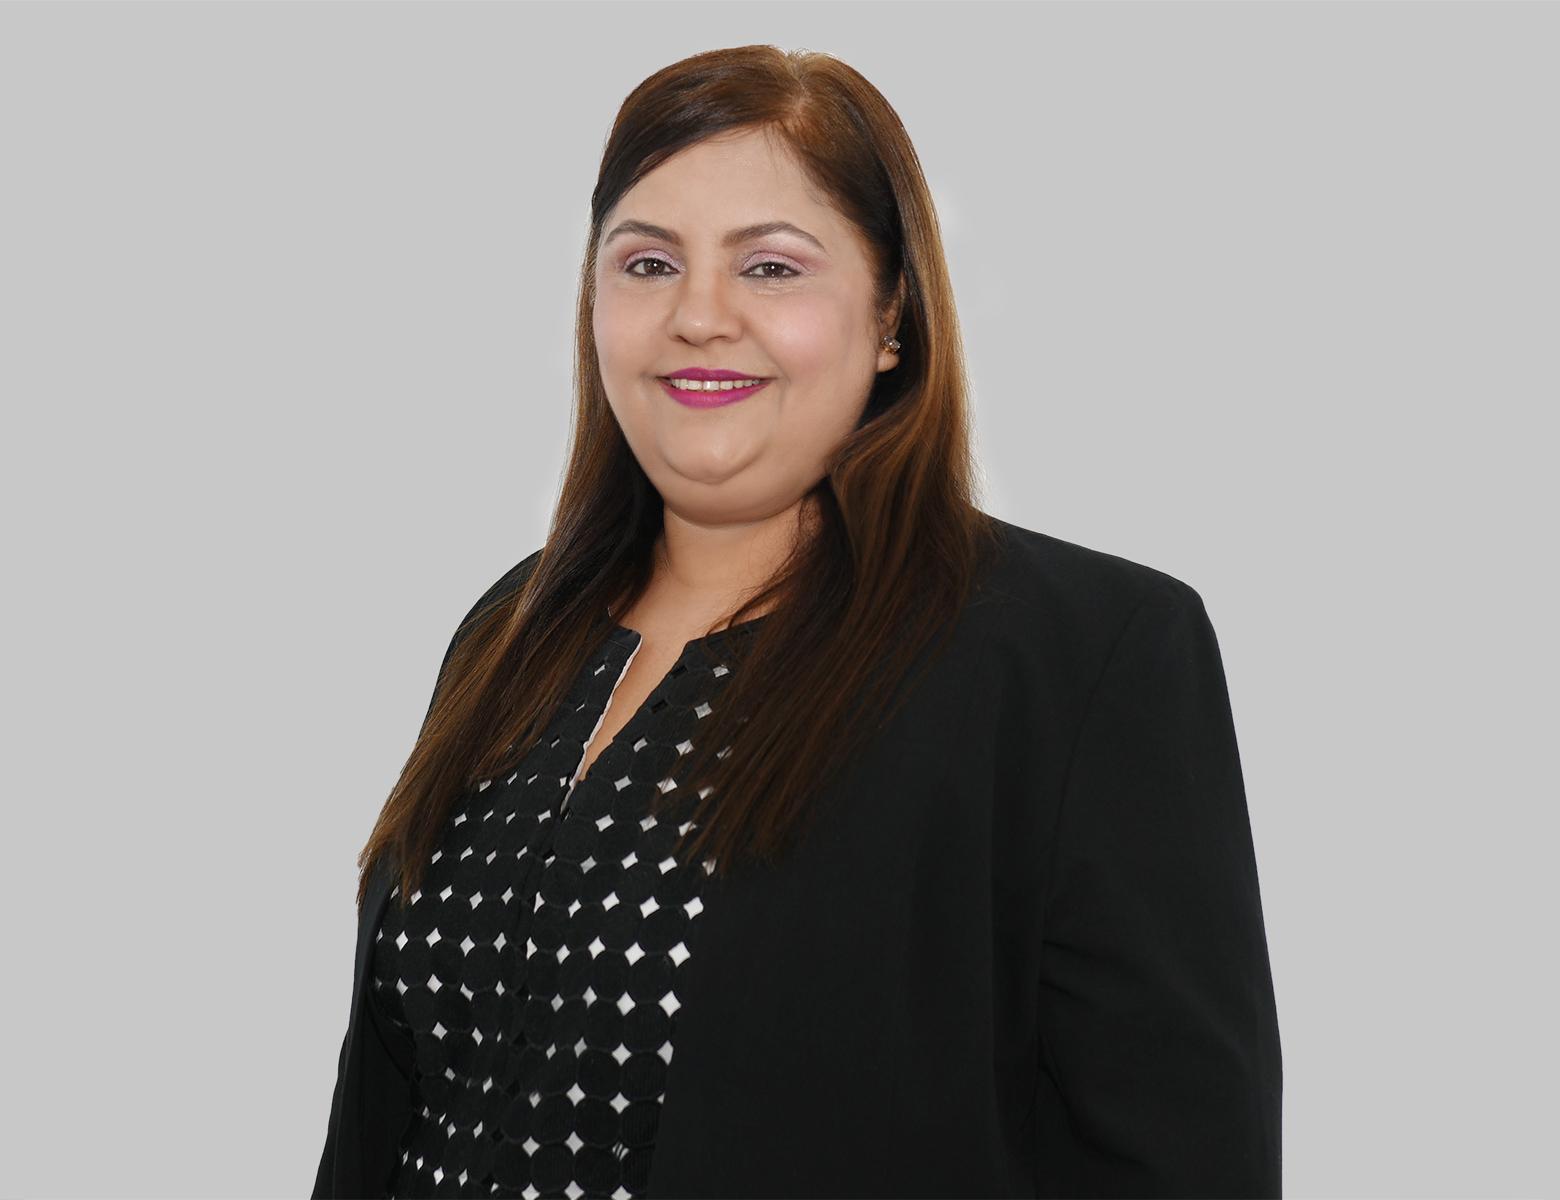 Hannah Bakshani